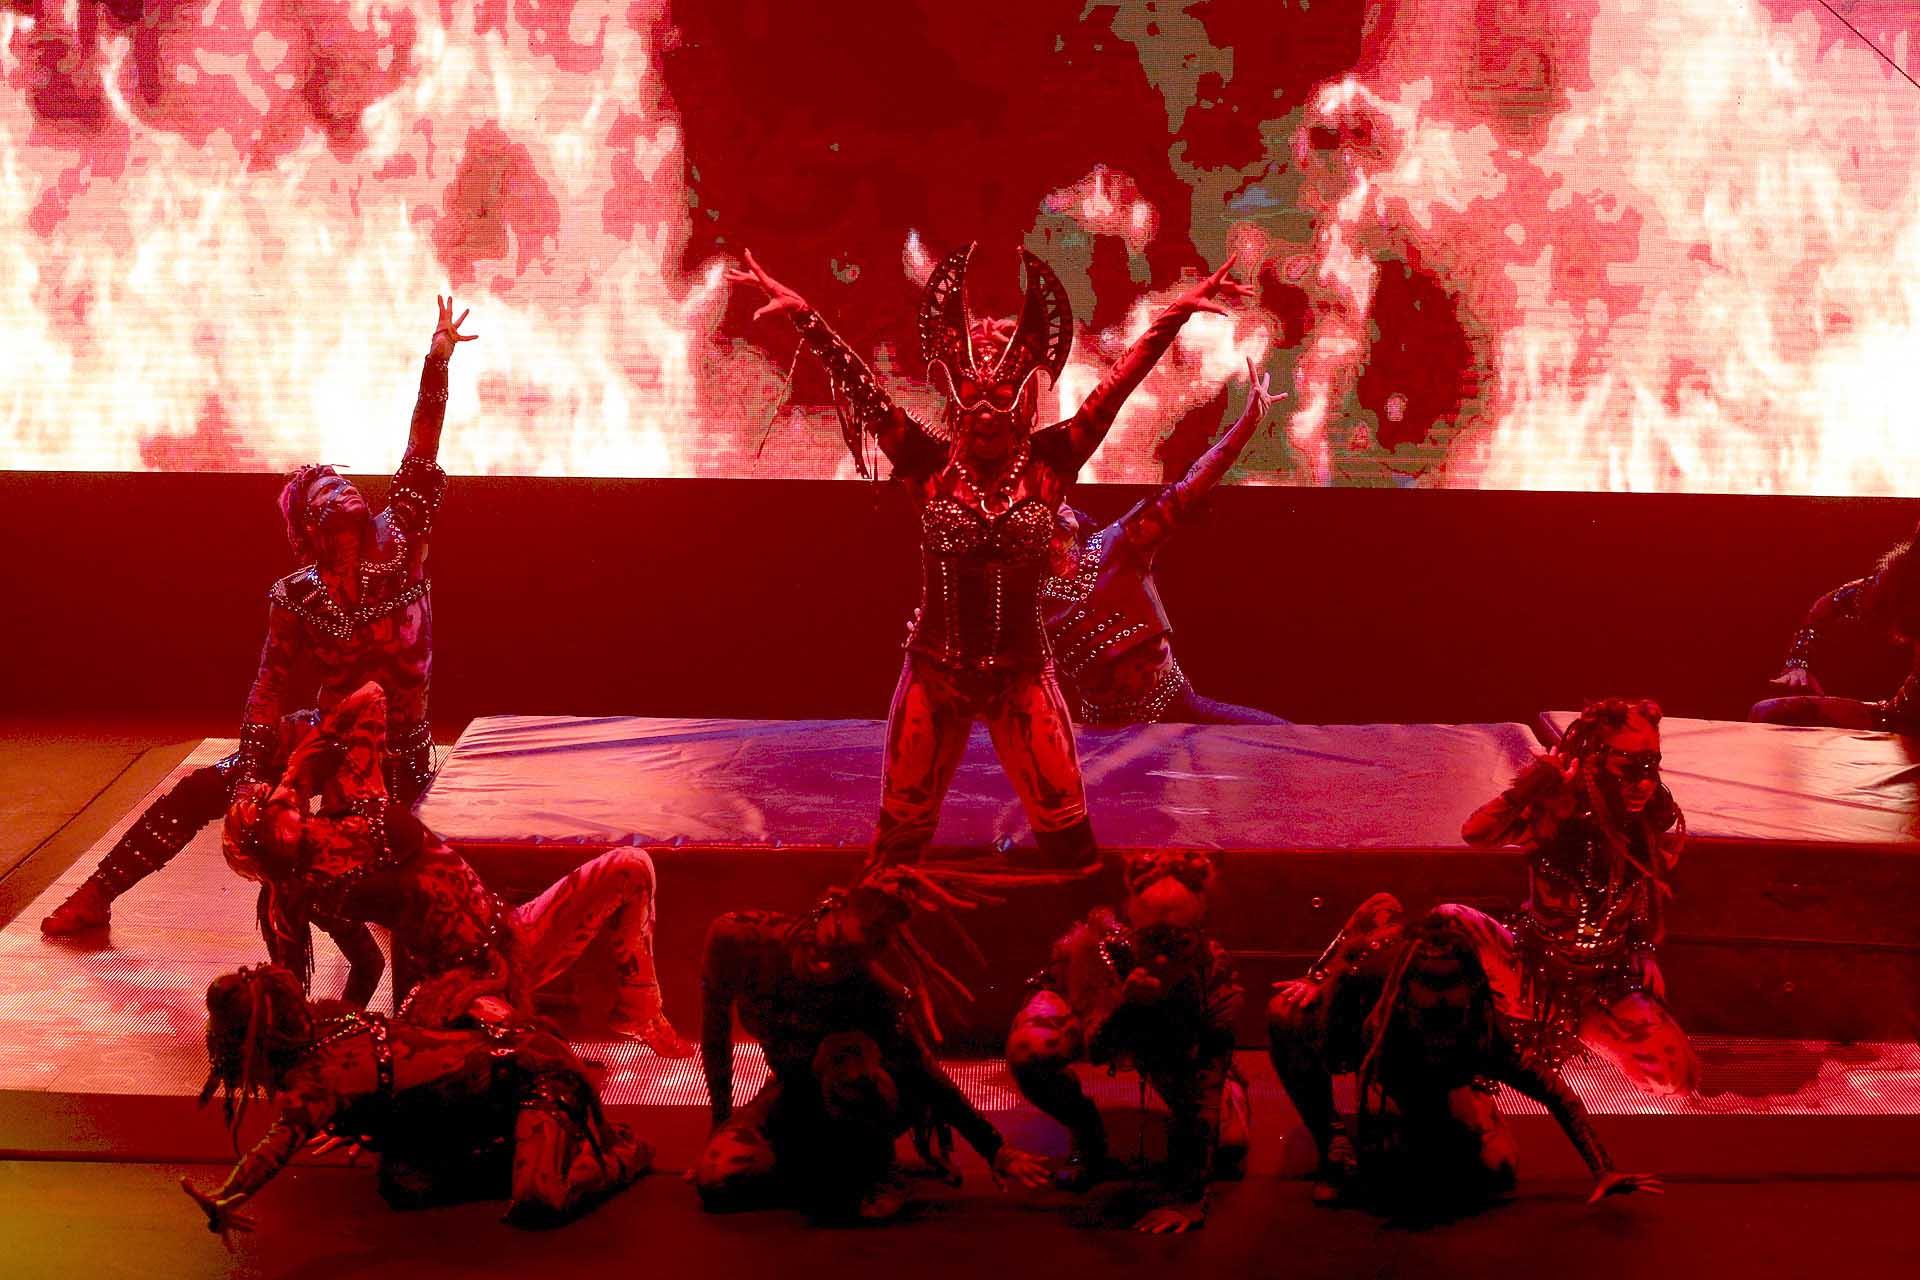 El show contiene un vestuario de calidad con la que acompaña perfectamente a la escenografía